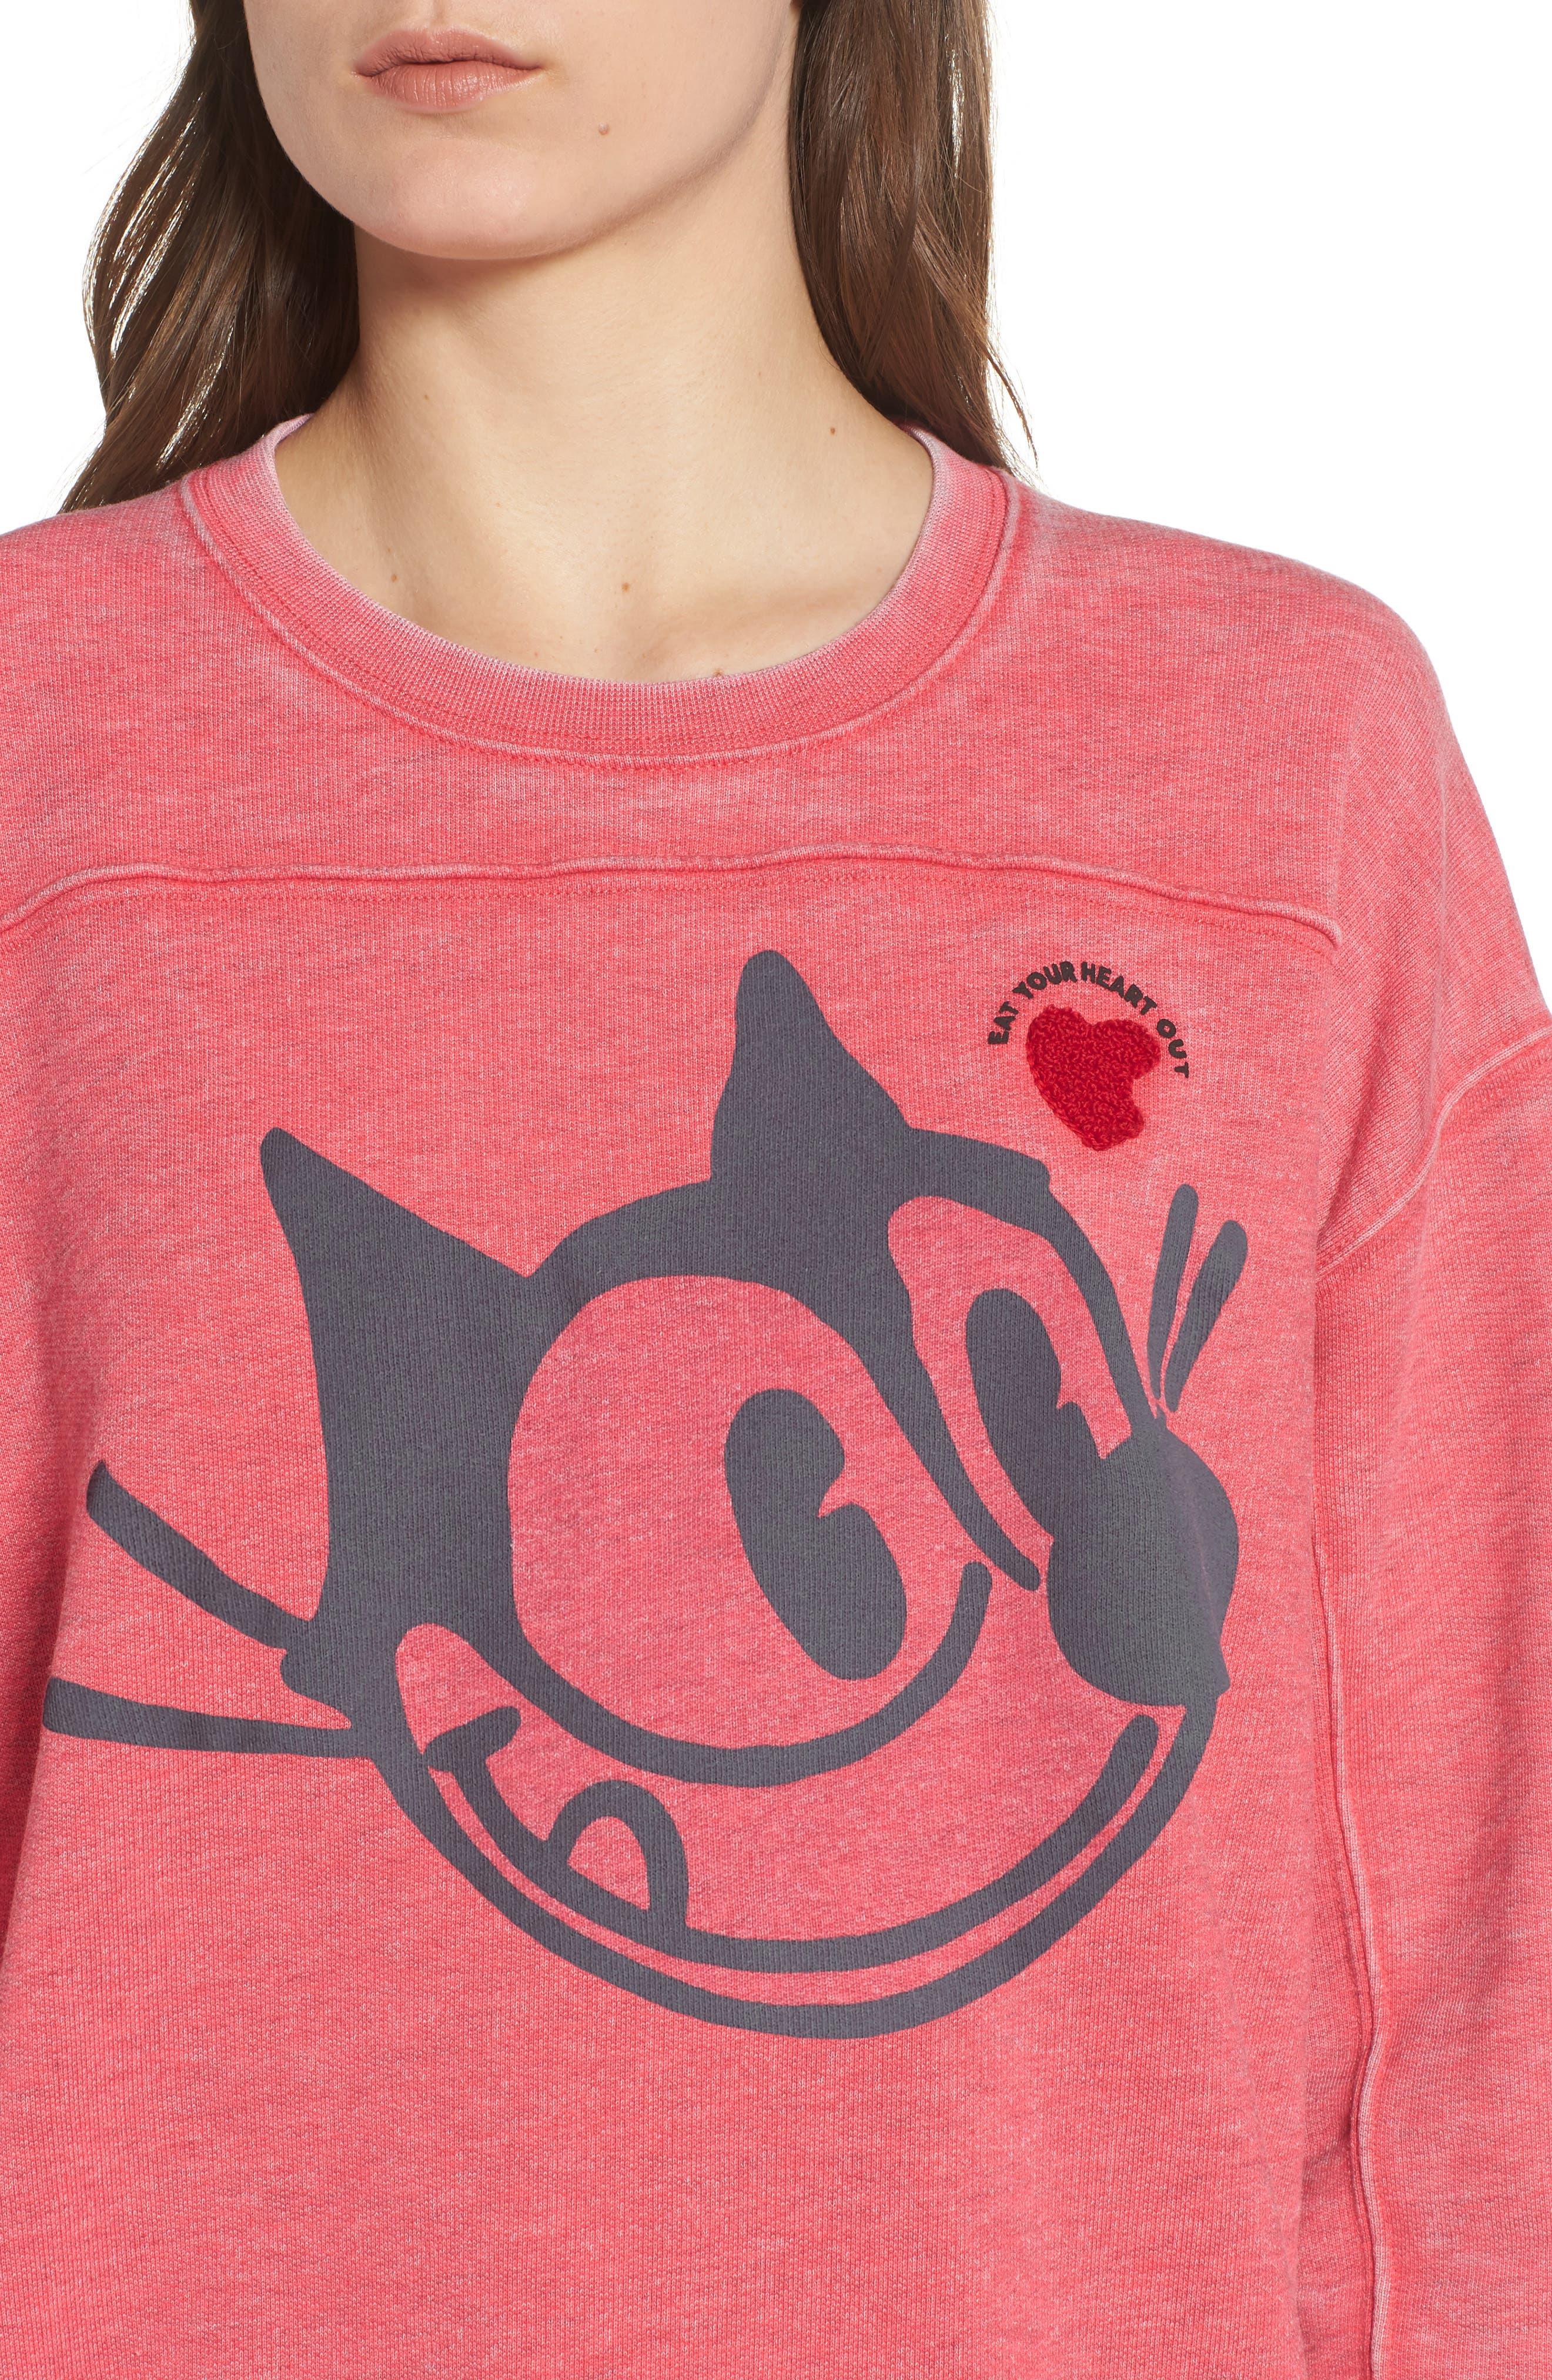 Felix x Scotch & Soda Burnout Appliqué & Graphic Sweatshirt,                             Alternate thumbnail 4, color,                             610